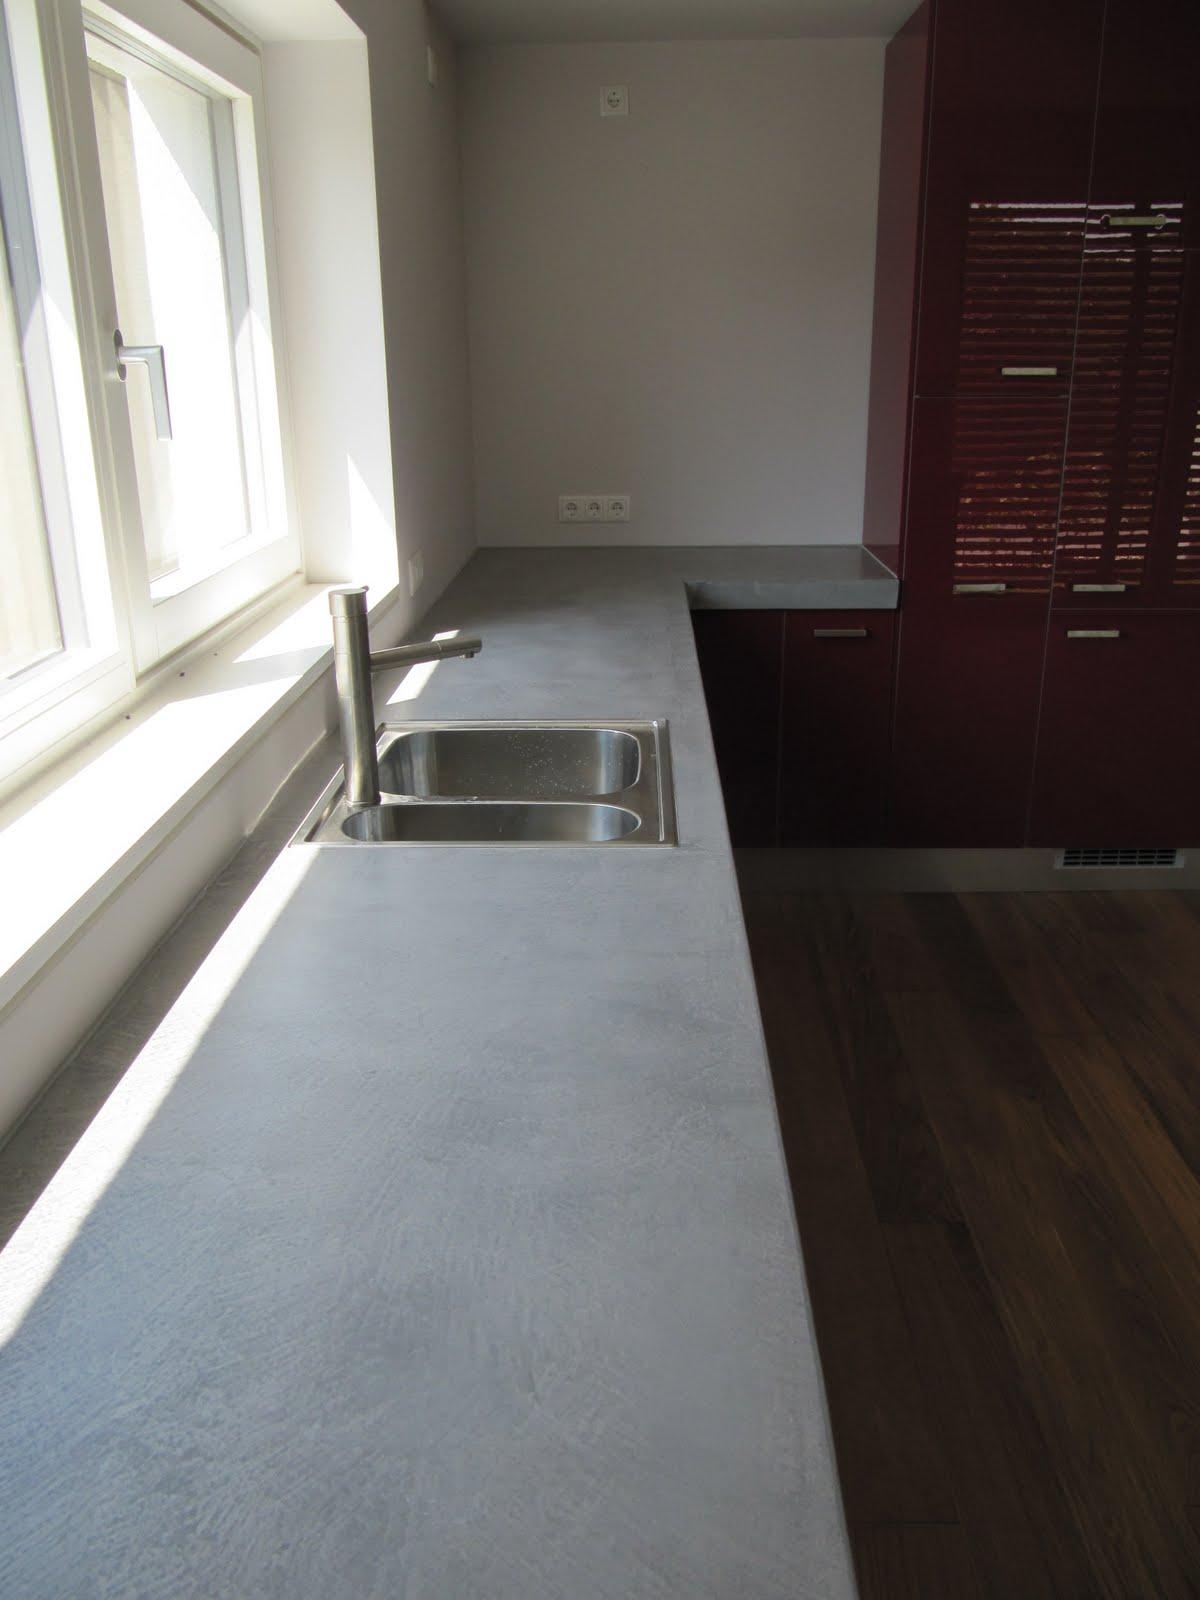 design handwerk betonk che beton cire On küchenarbeitsplatte beton